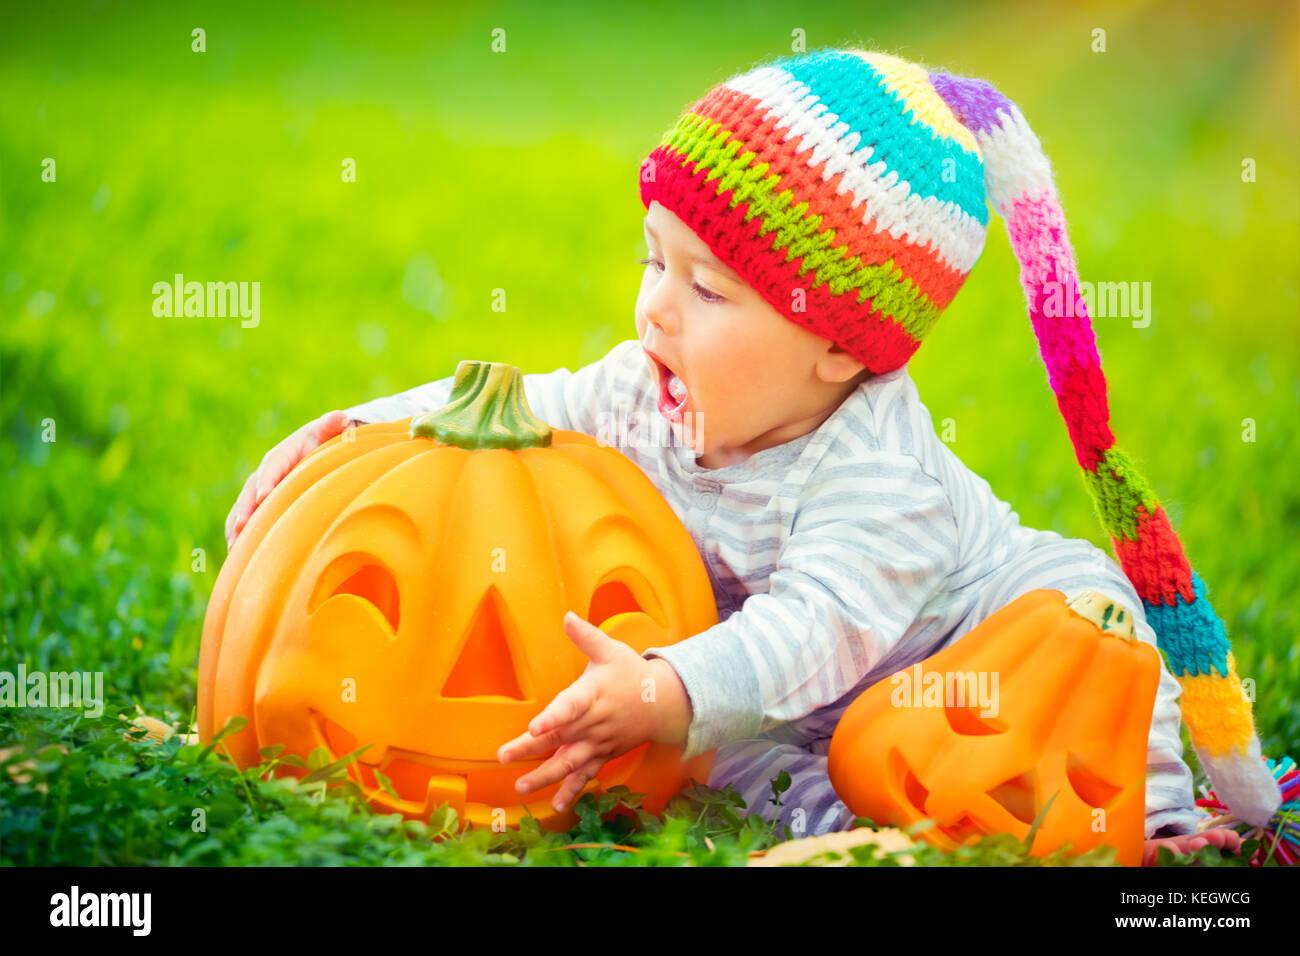 Süße kleine baby boy trug lustig bunte hat versucht zu beißen schöne geschnitzte festliche Kürbis, Stockbild